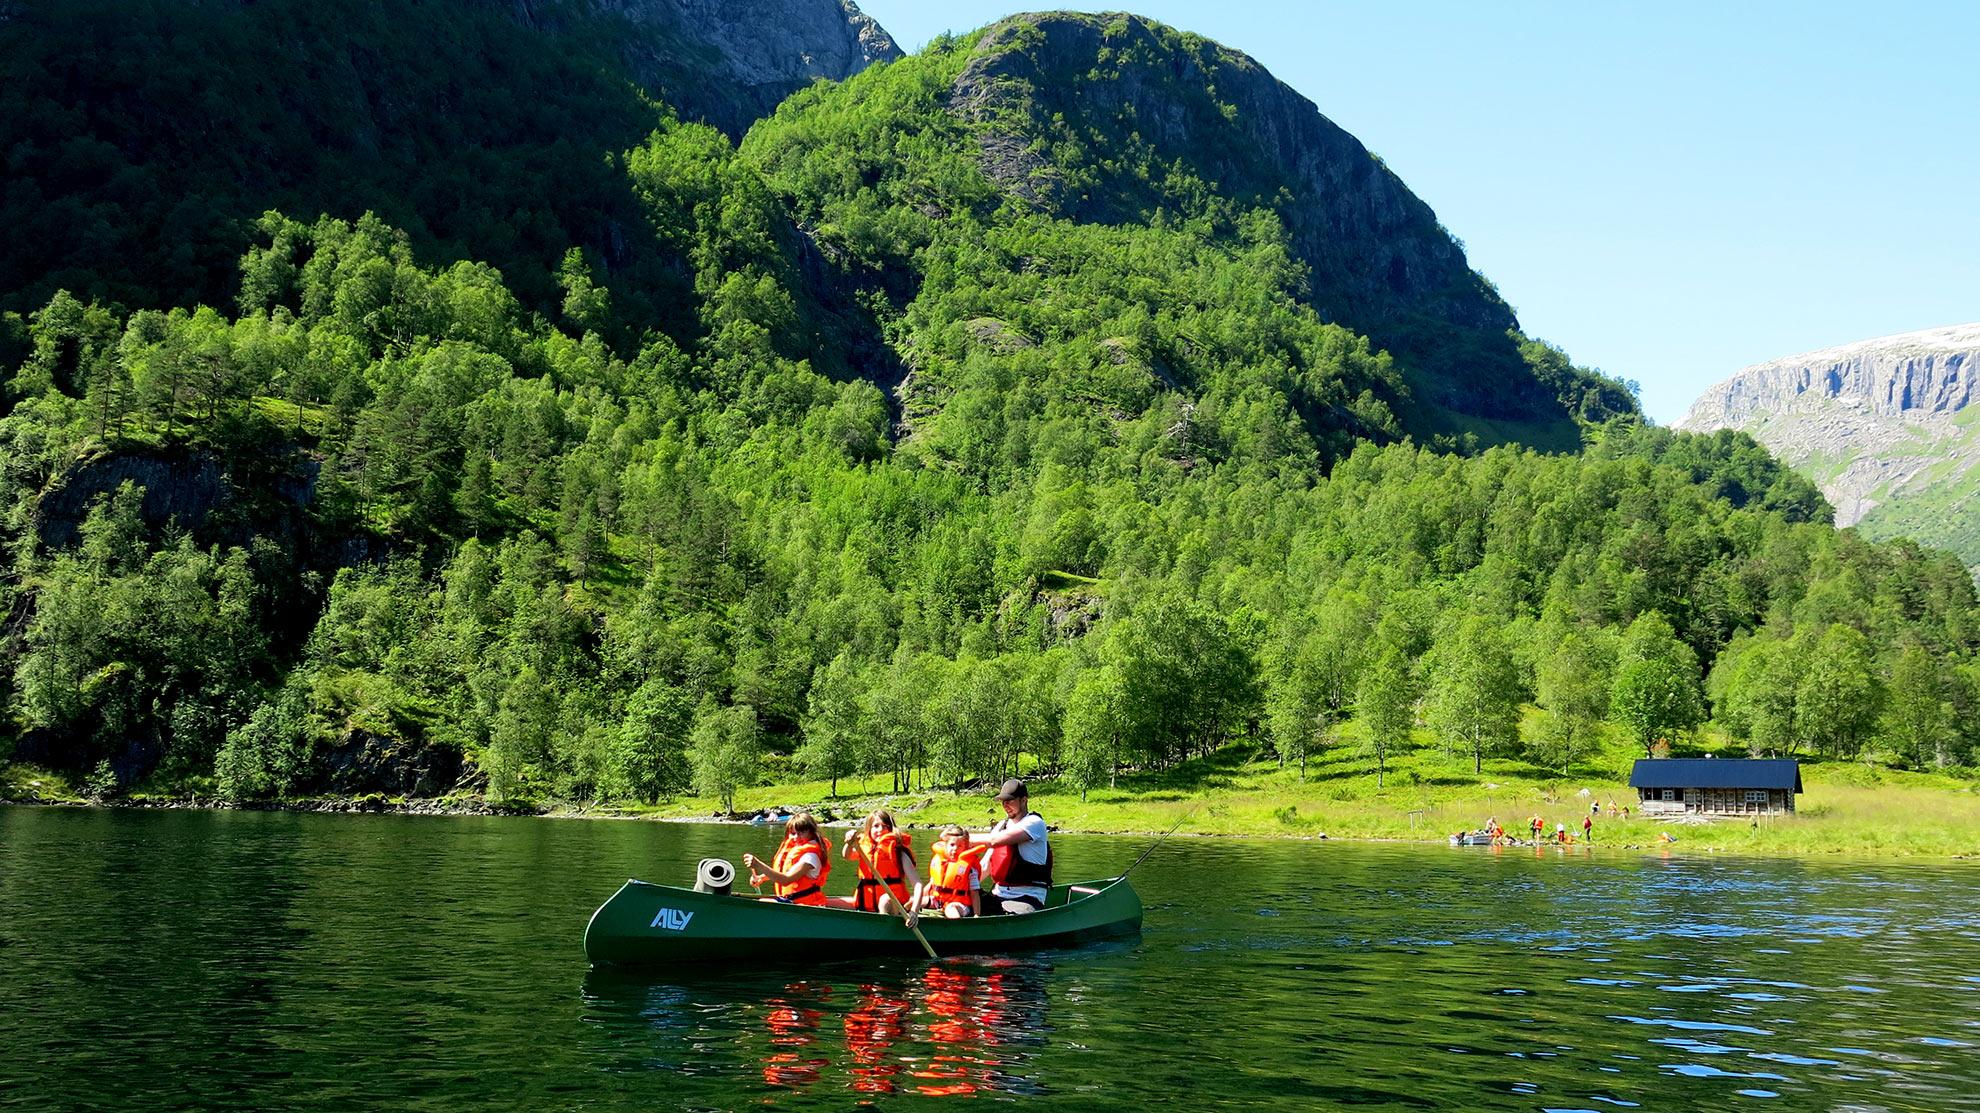 VERNA : Straumsbotnen er innlemma i Ålfotbreen landskapsvernområde.